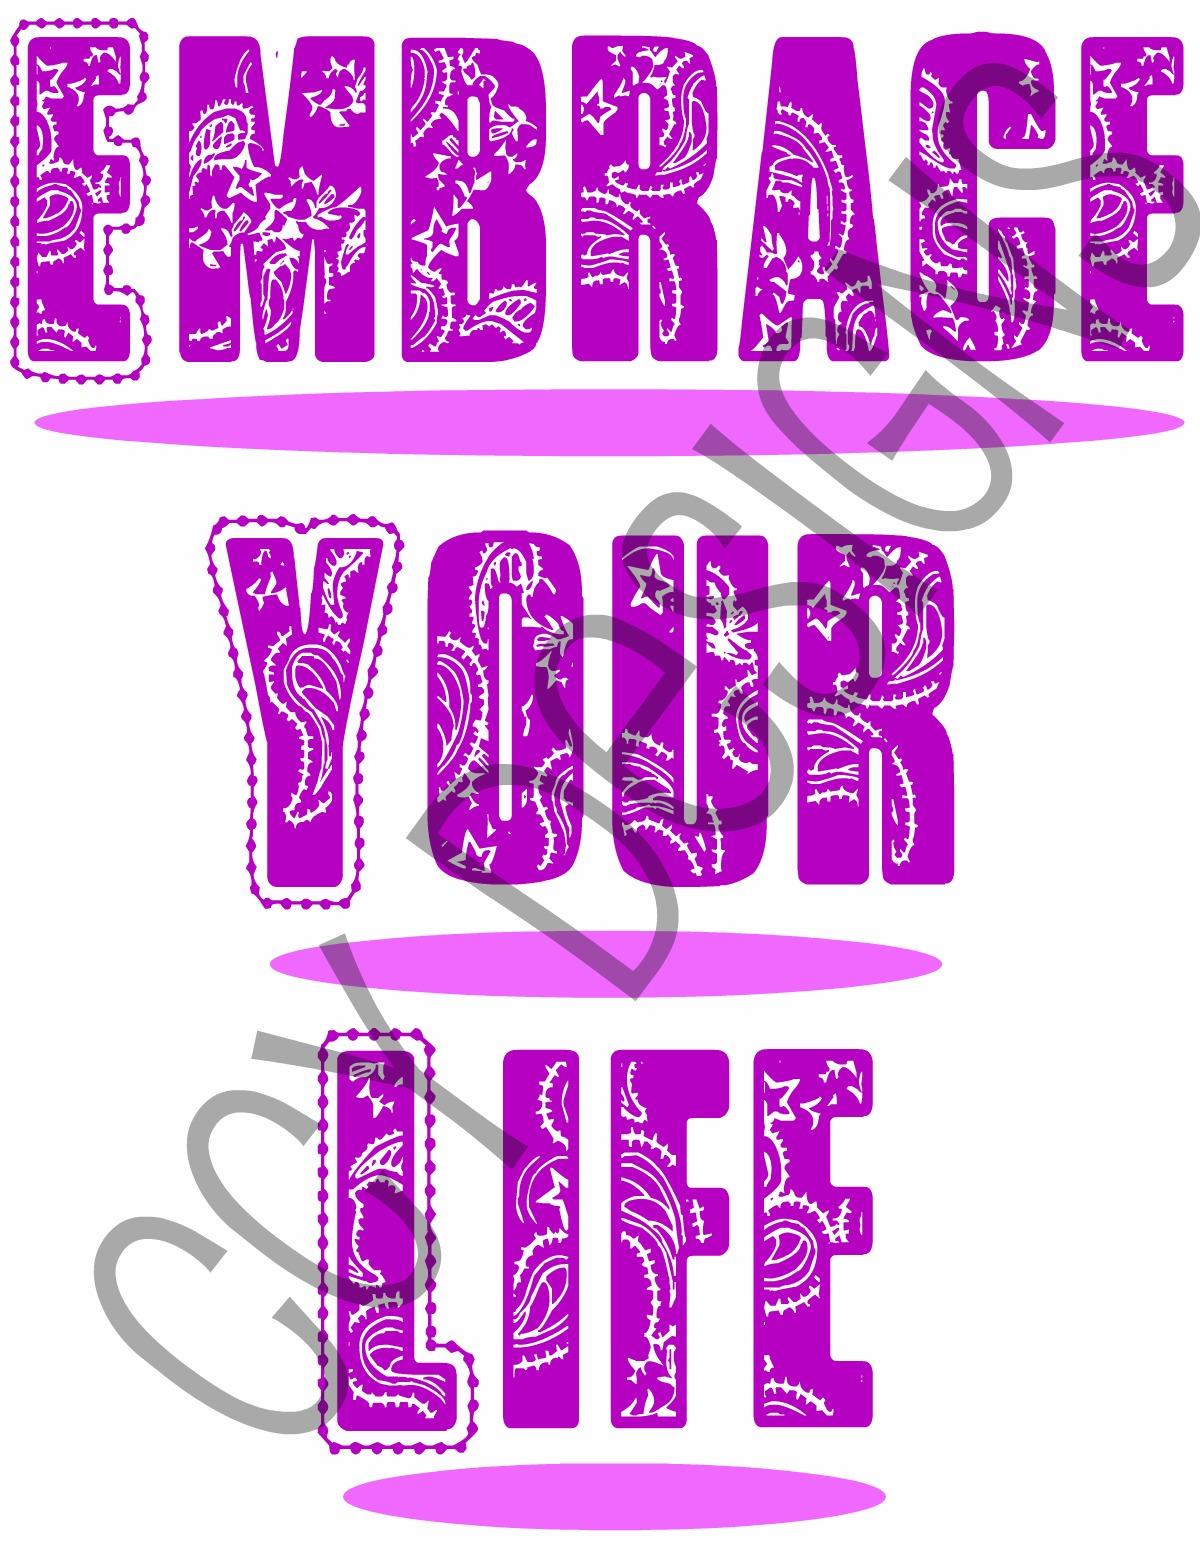 Go Embrace Life